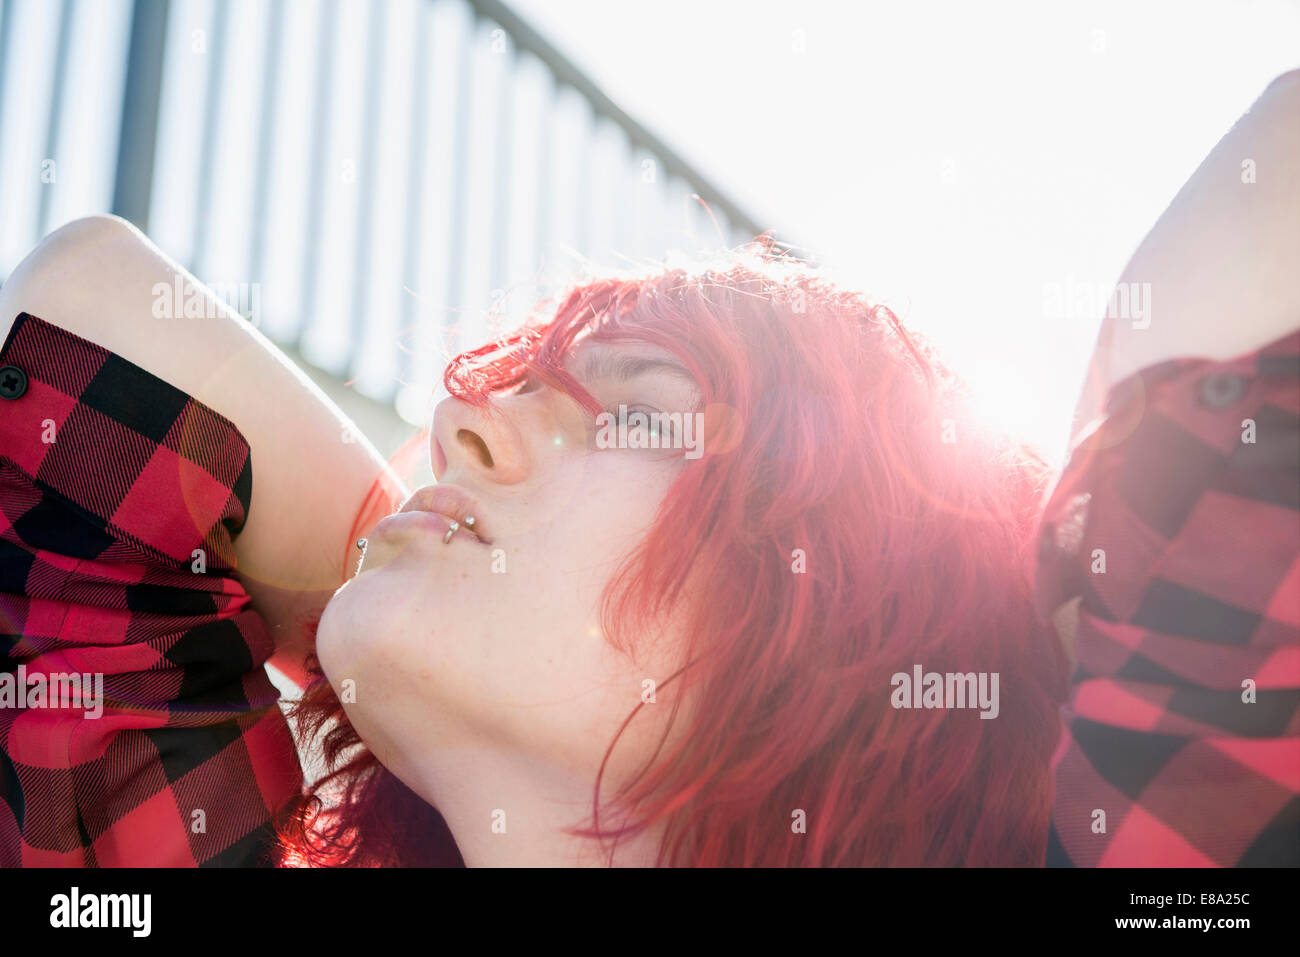 Ragazza adolescente ritratto sognare rosso capelli tinti Immagini Stock